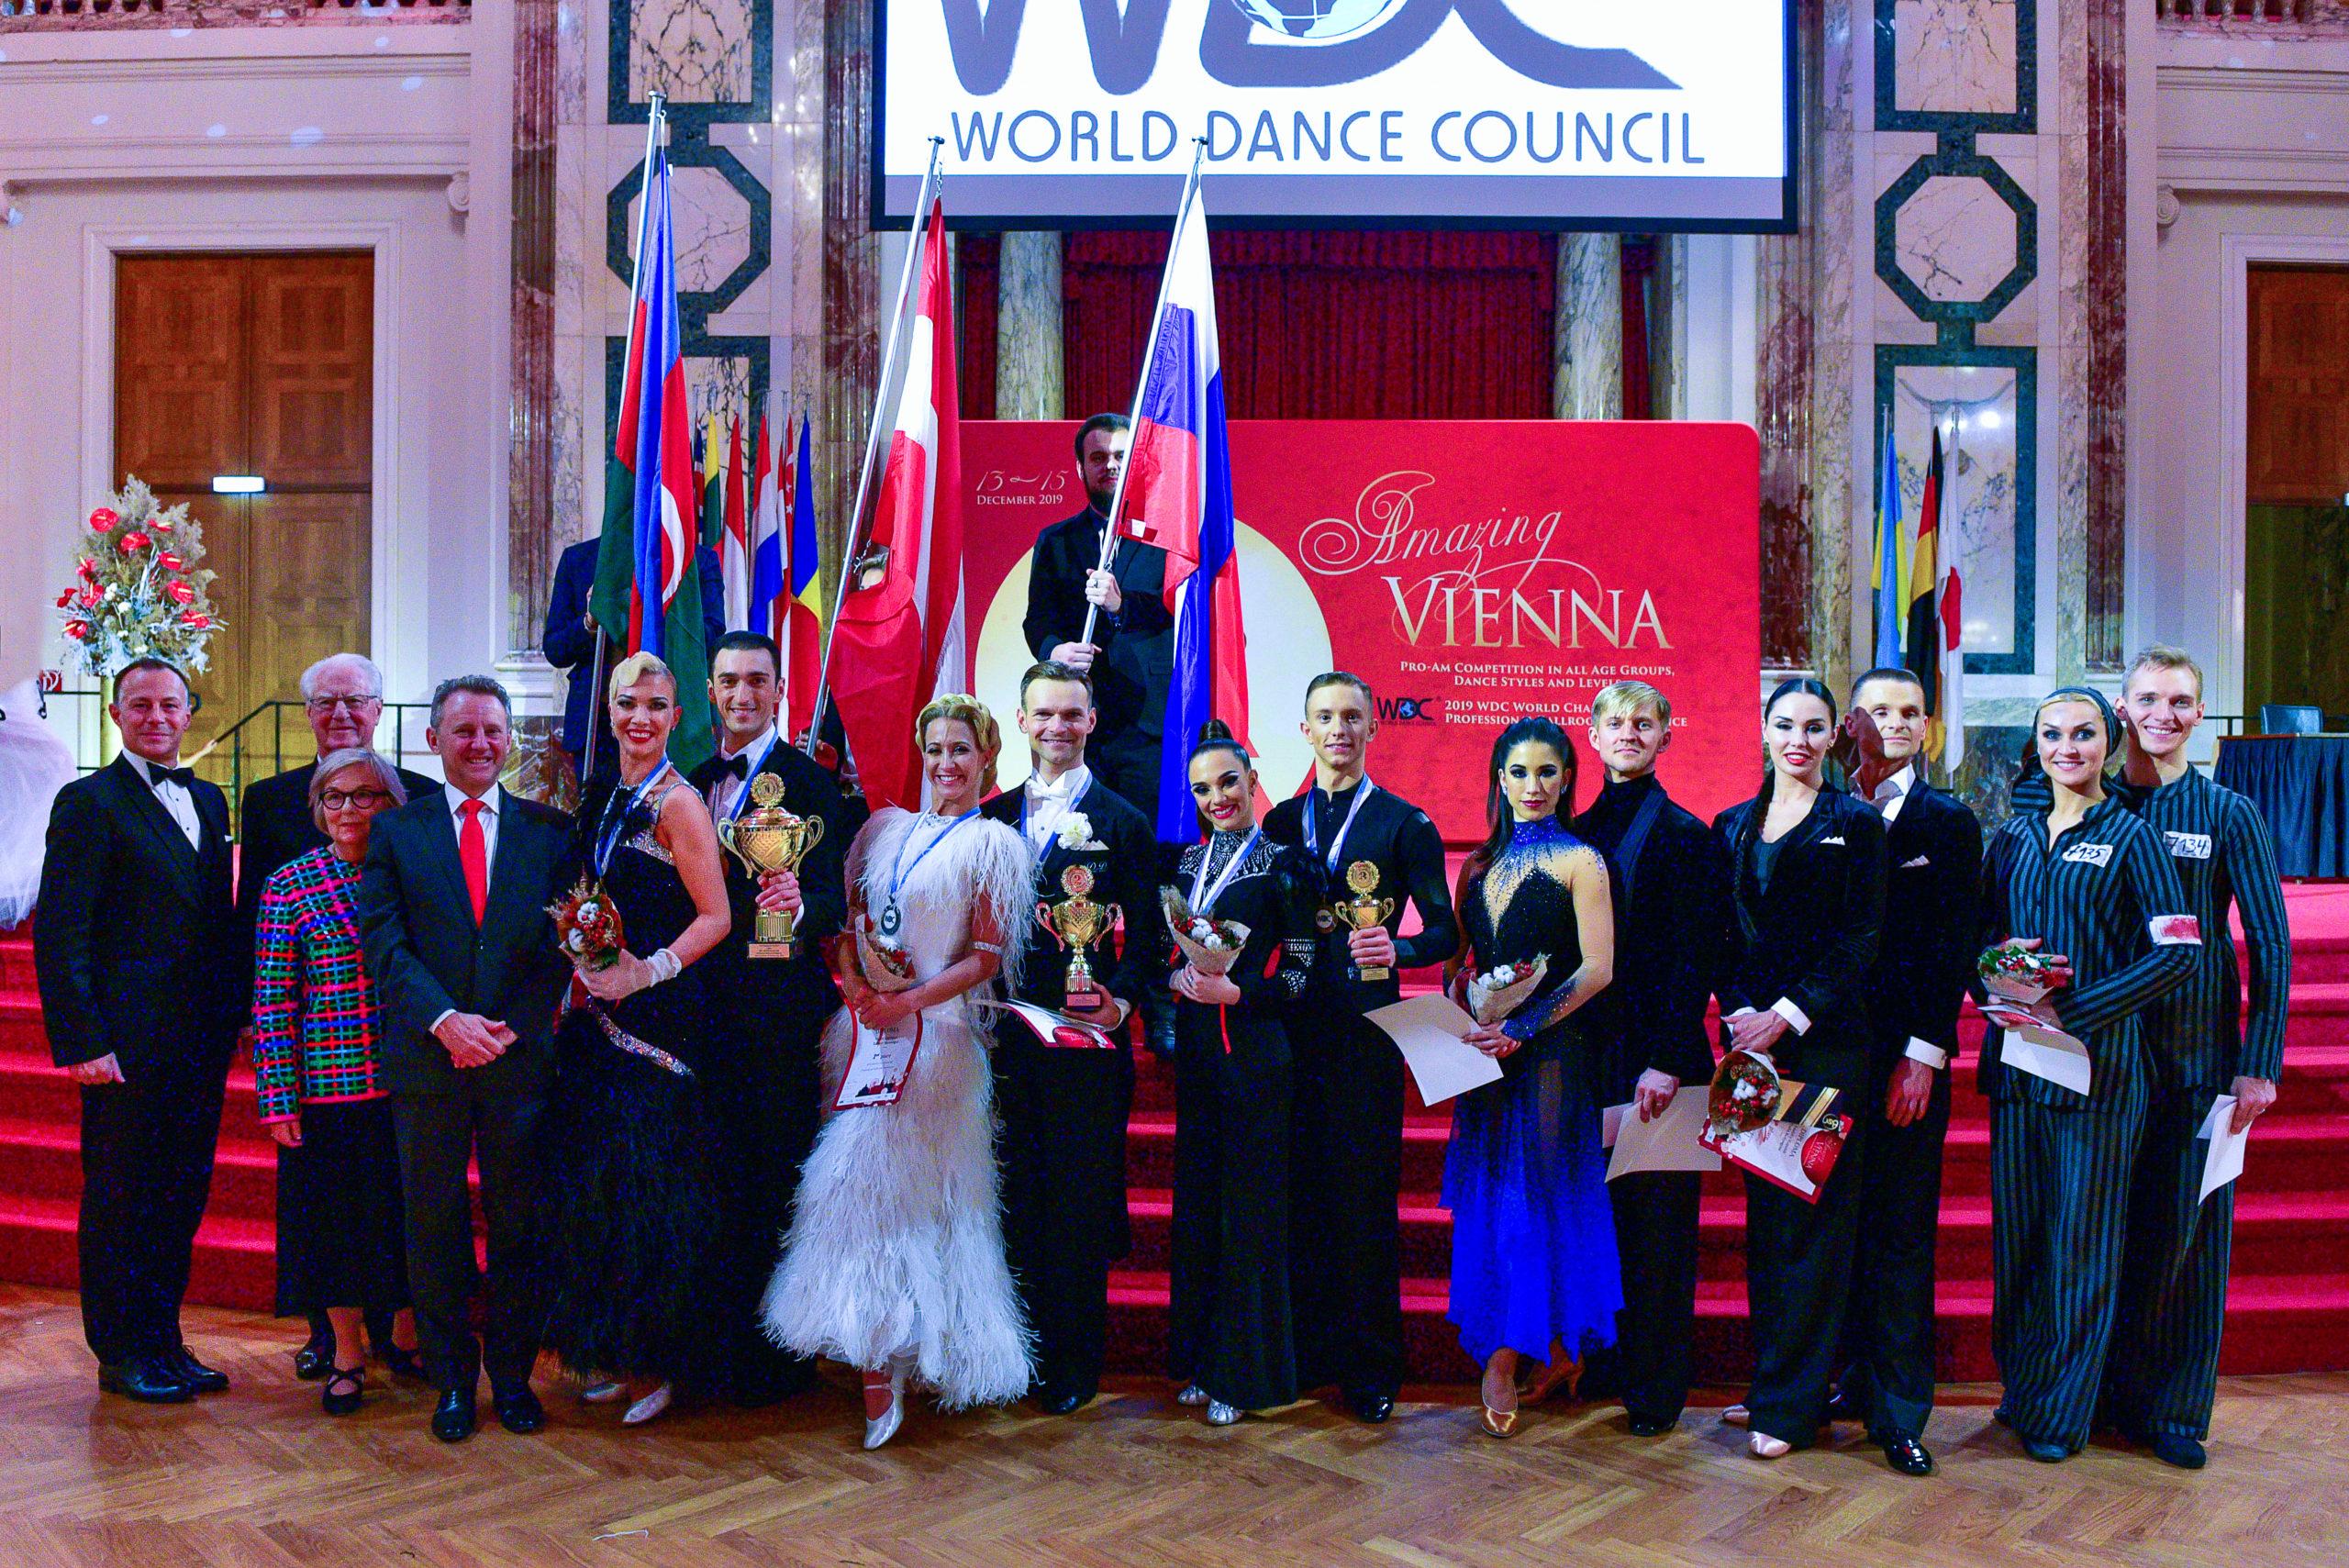 AMAZING VIENNA 2019 & WDC WM Professional Showdance – Eindrücke und Ergebnisse